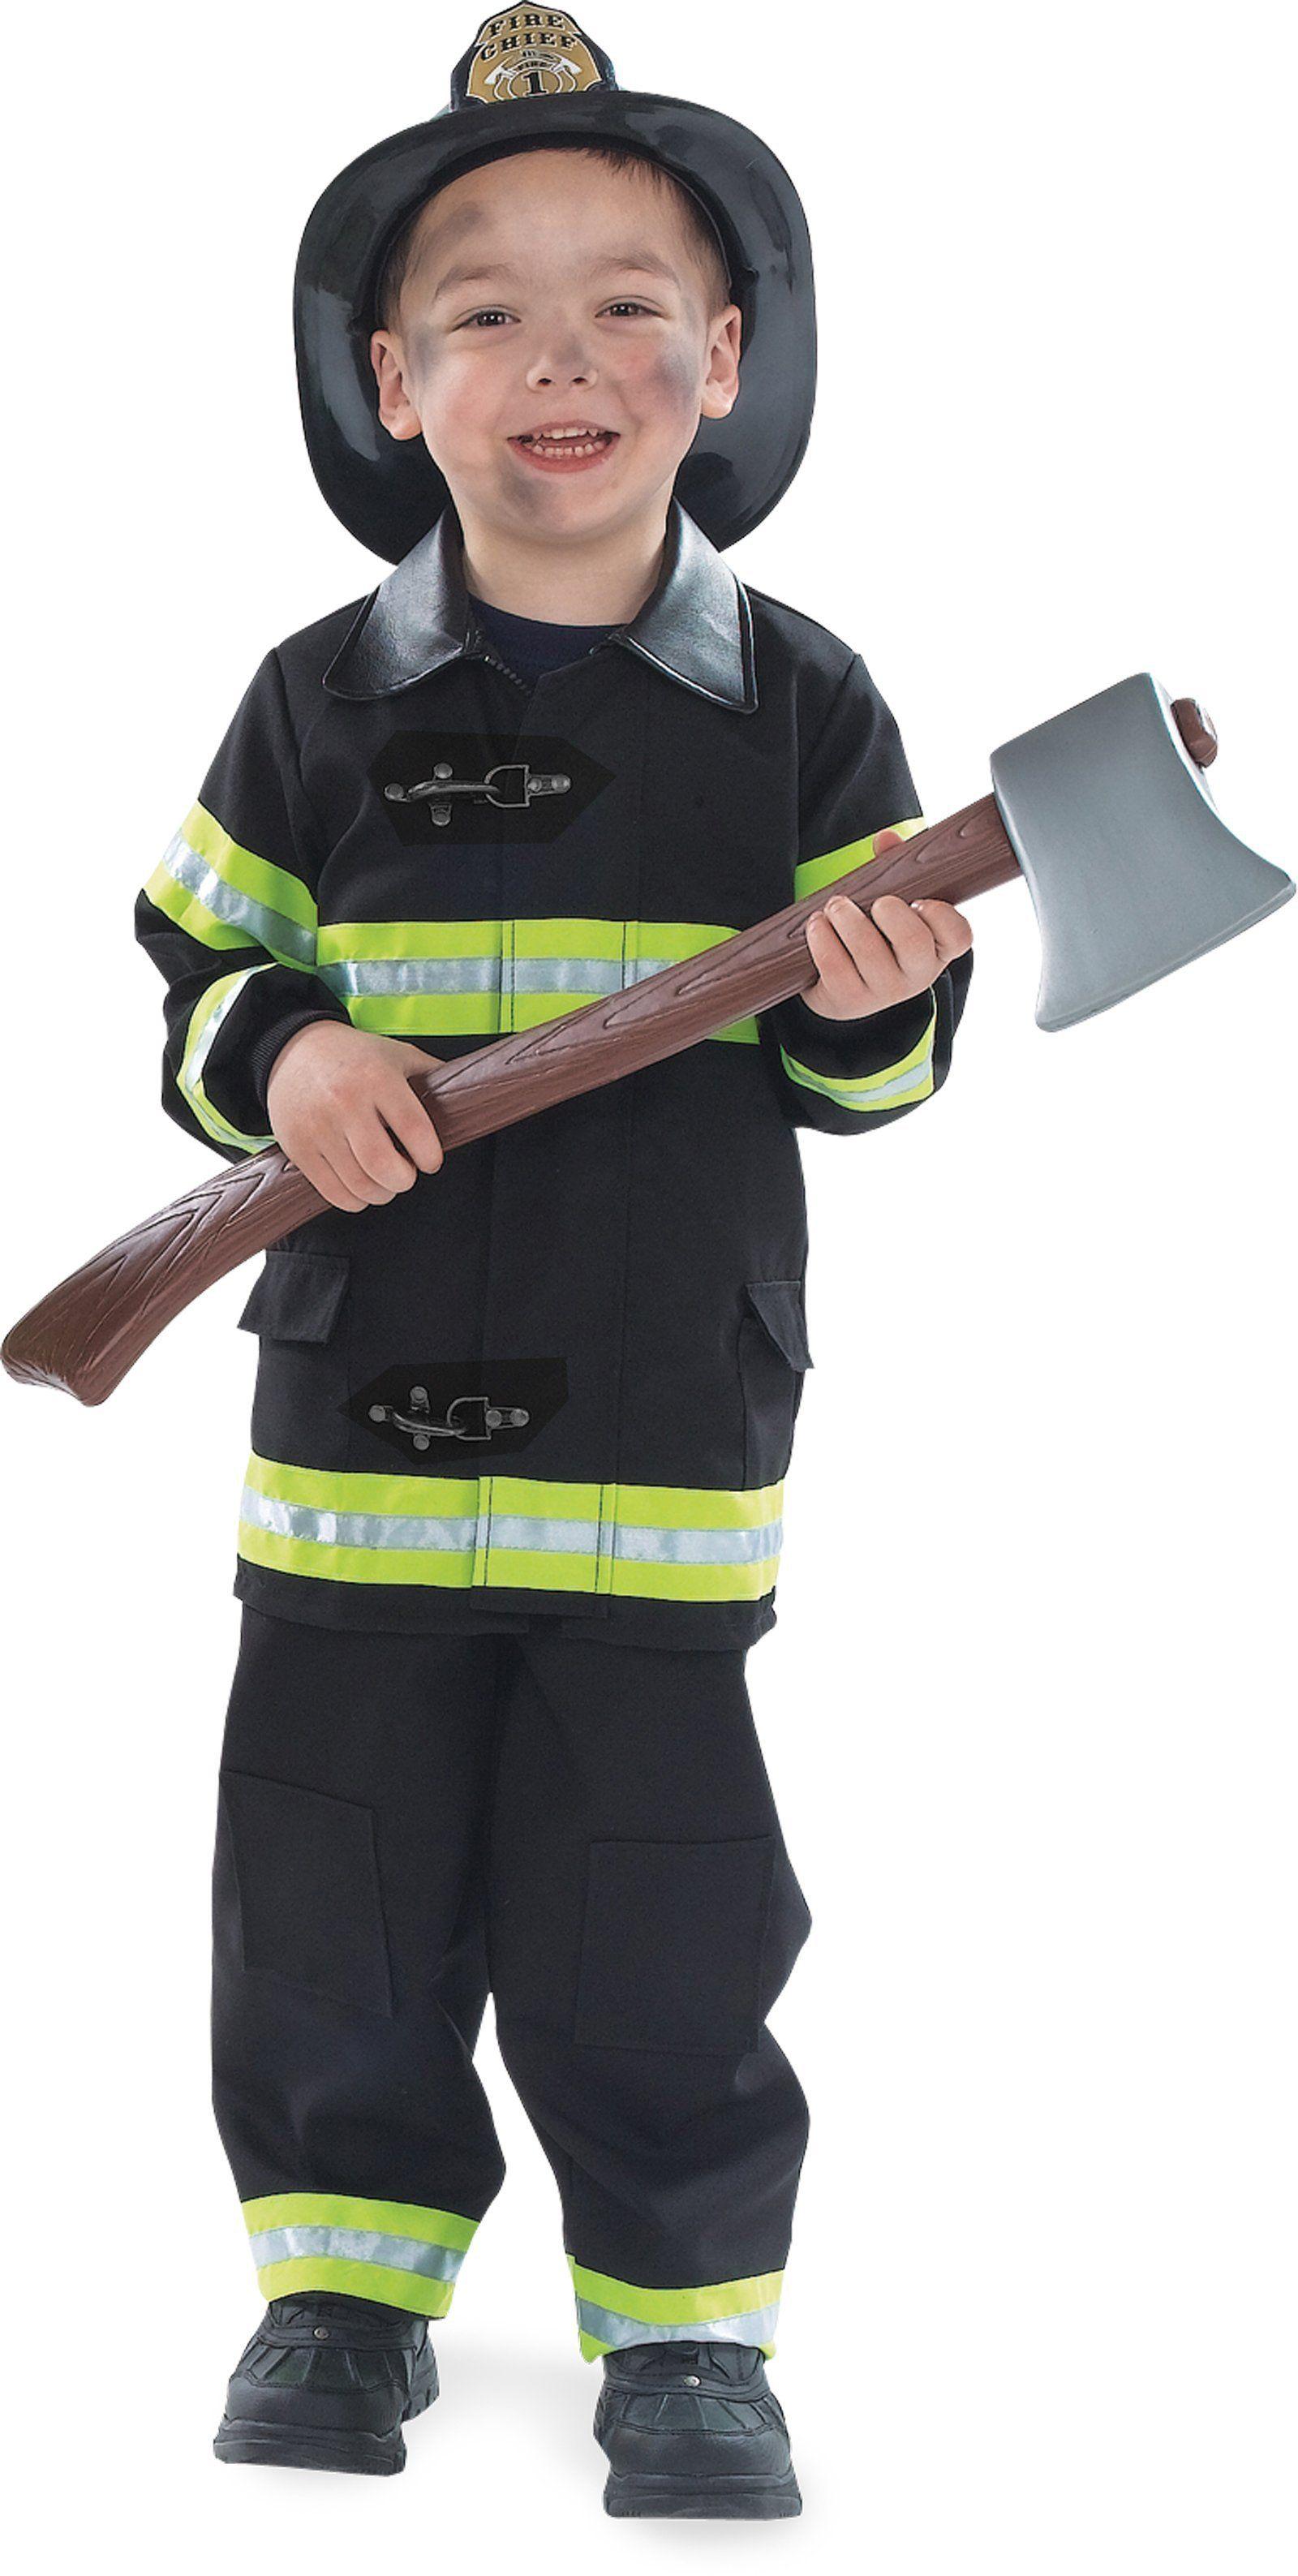 Doctor Child's Costume - OrientalTrading.com | HALLOWEEN KIDS ...